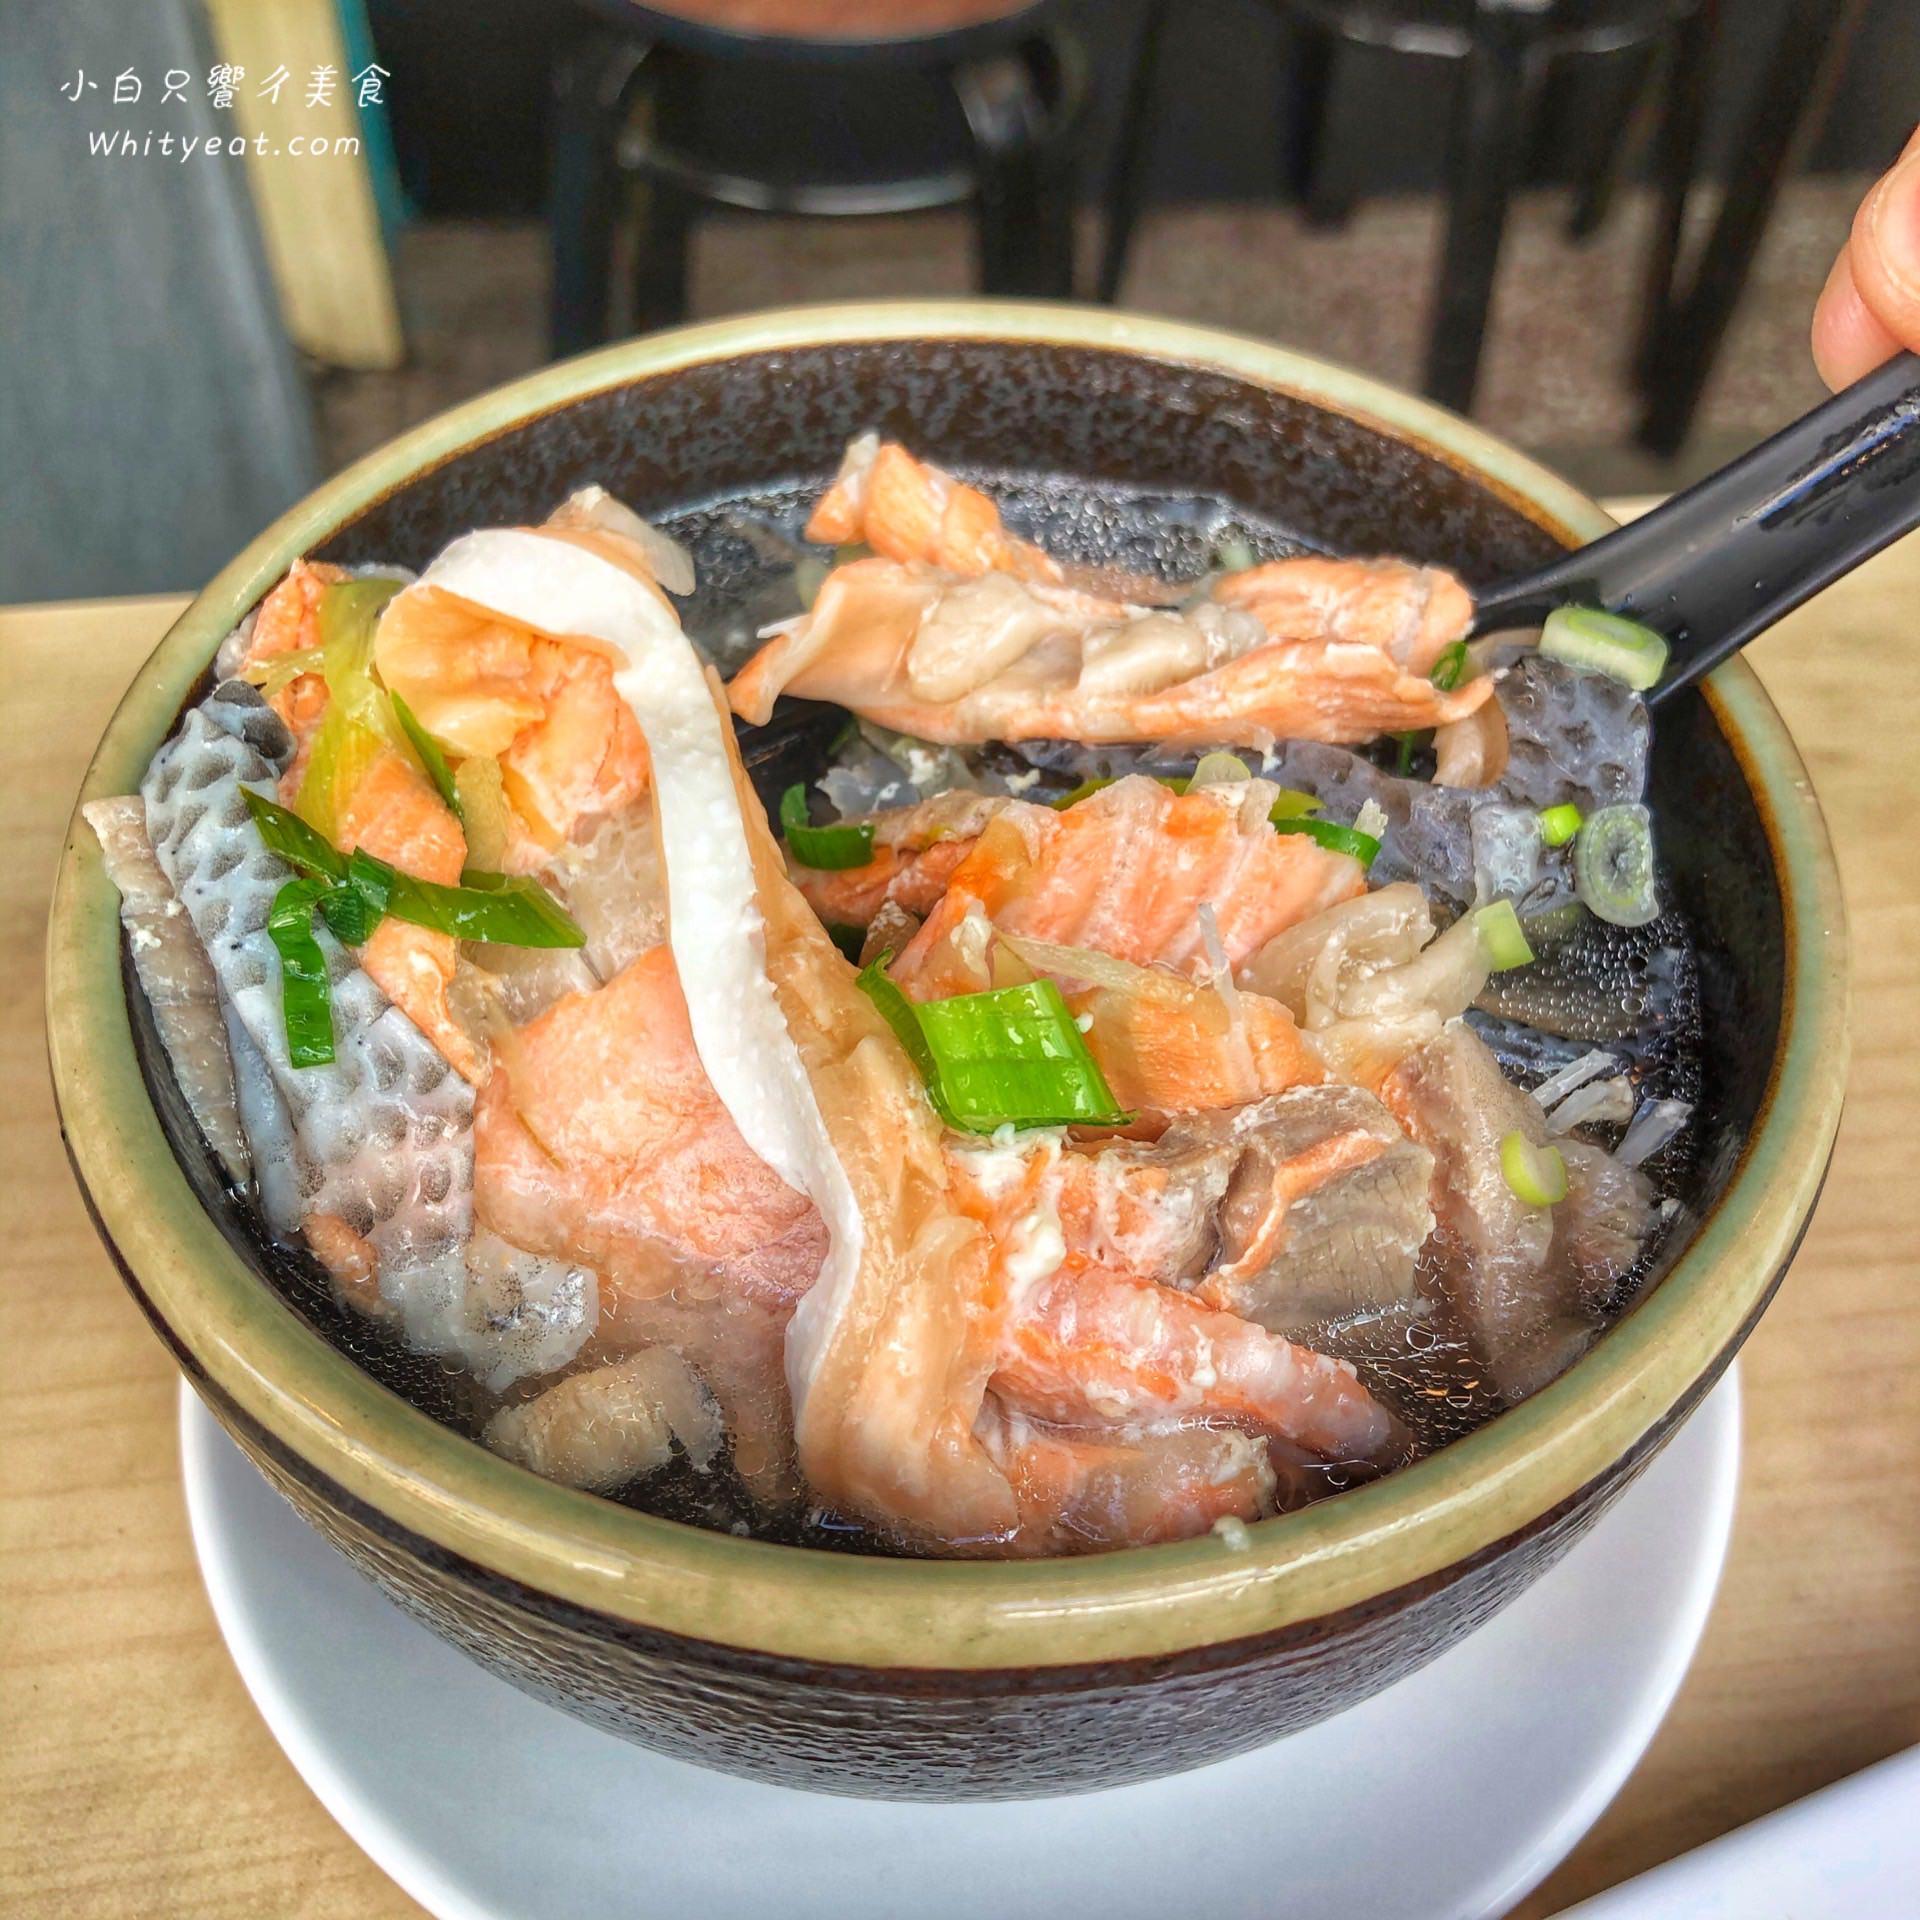 【臺南美食】正興x吃吧 炙燒鮭魚一貫只要20元!草莓千層竟百元有找?   癡吃的玩